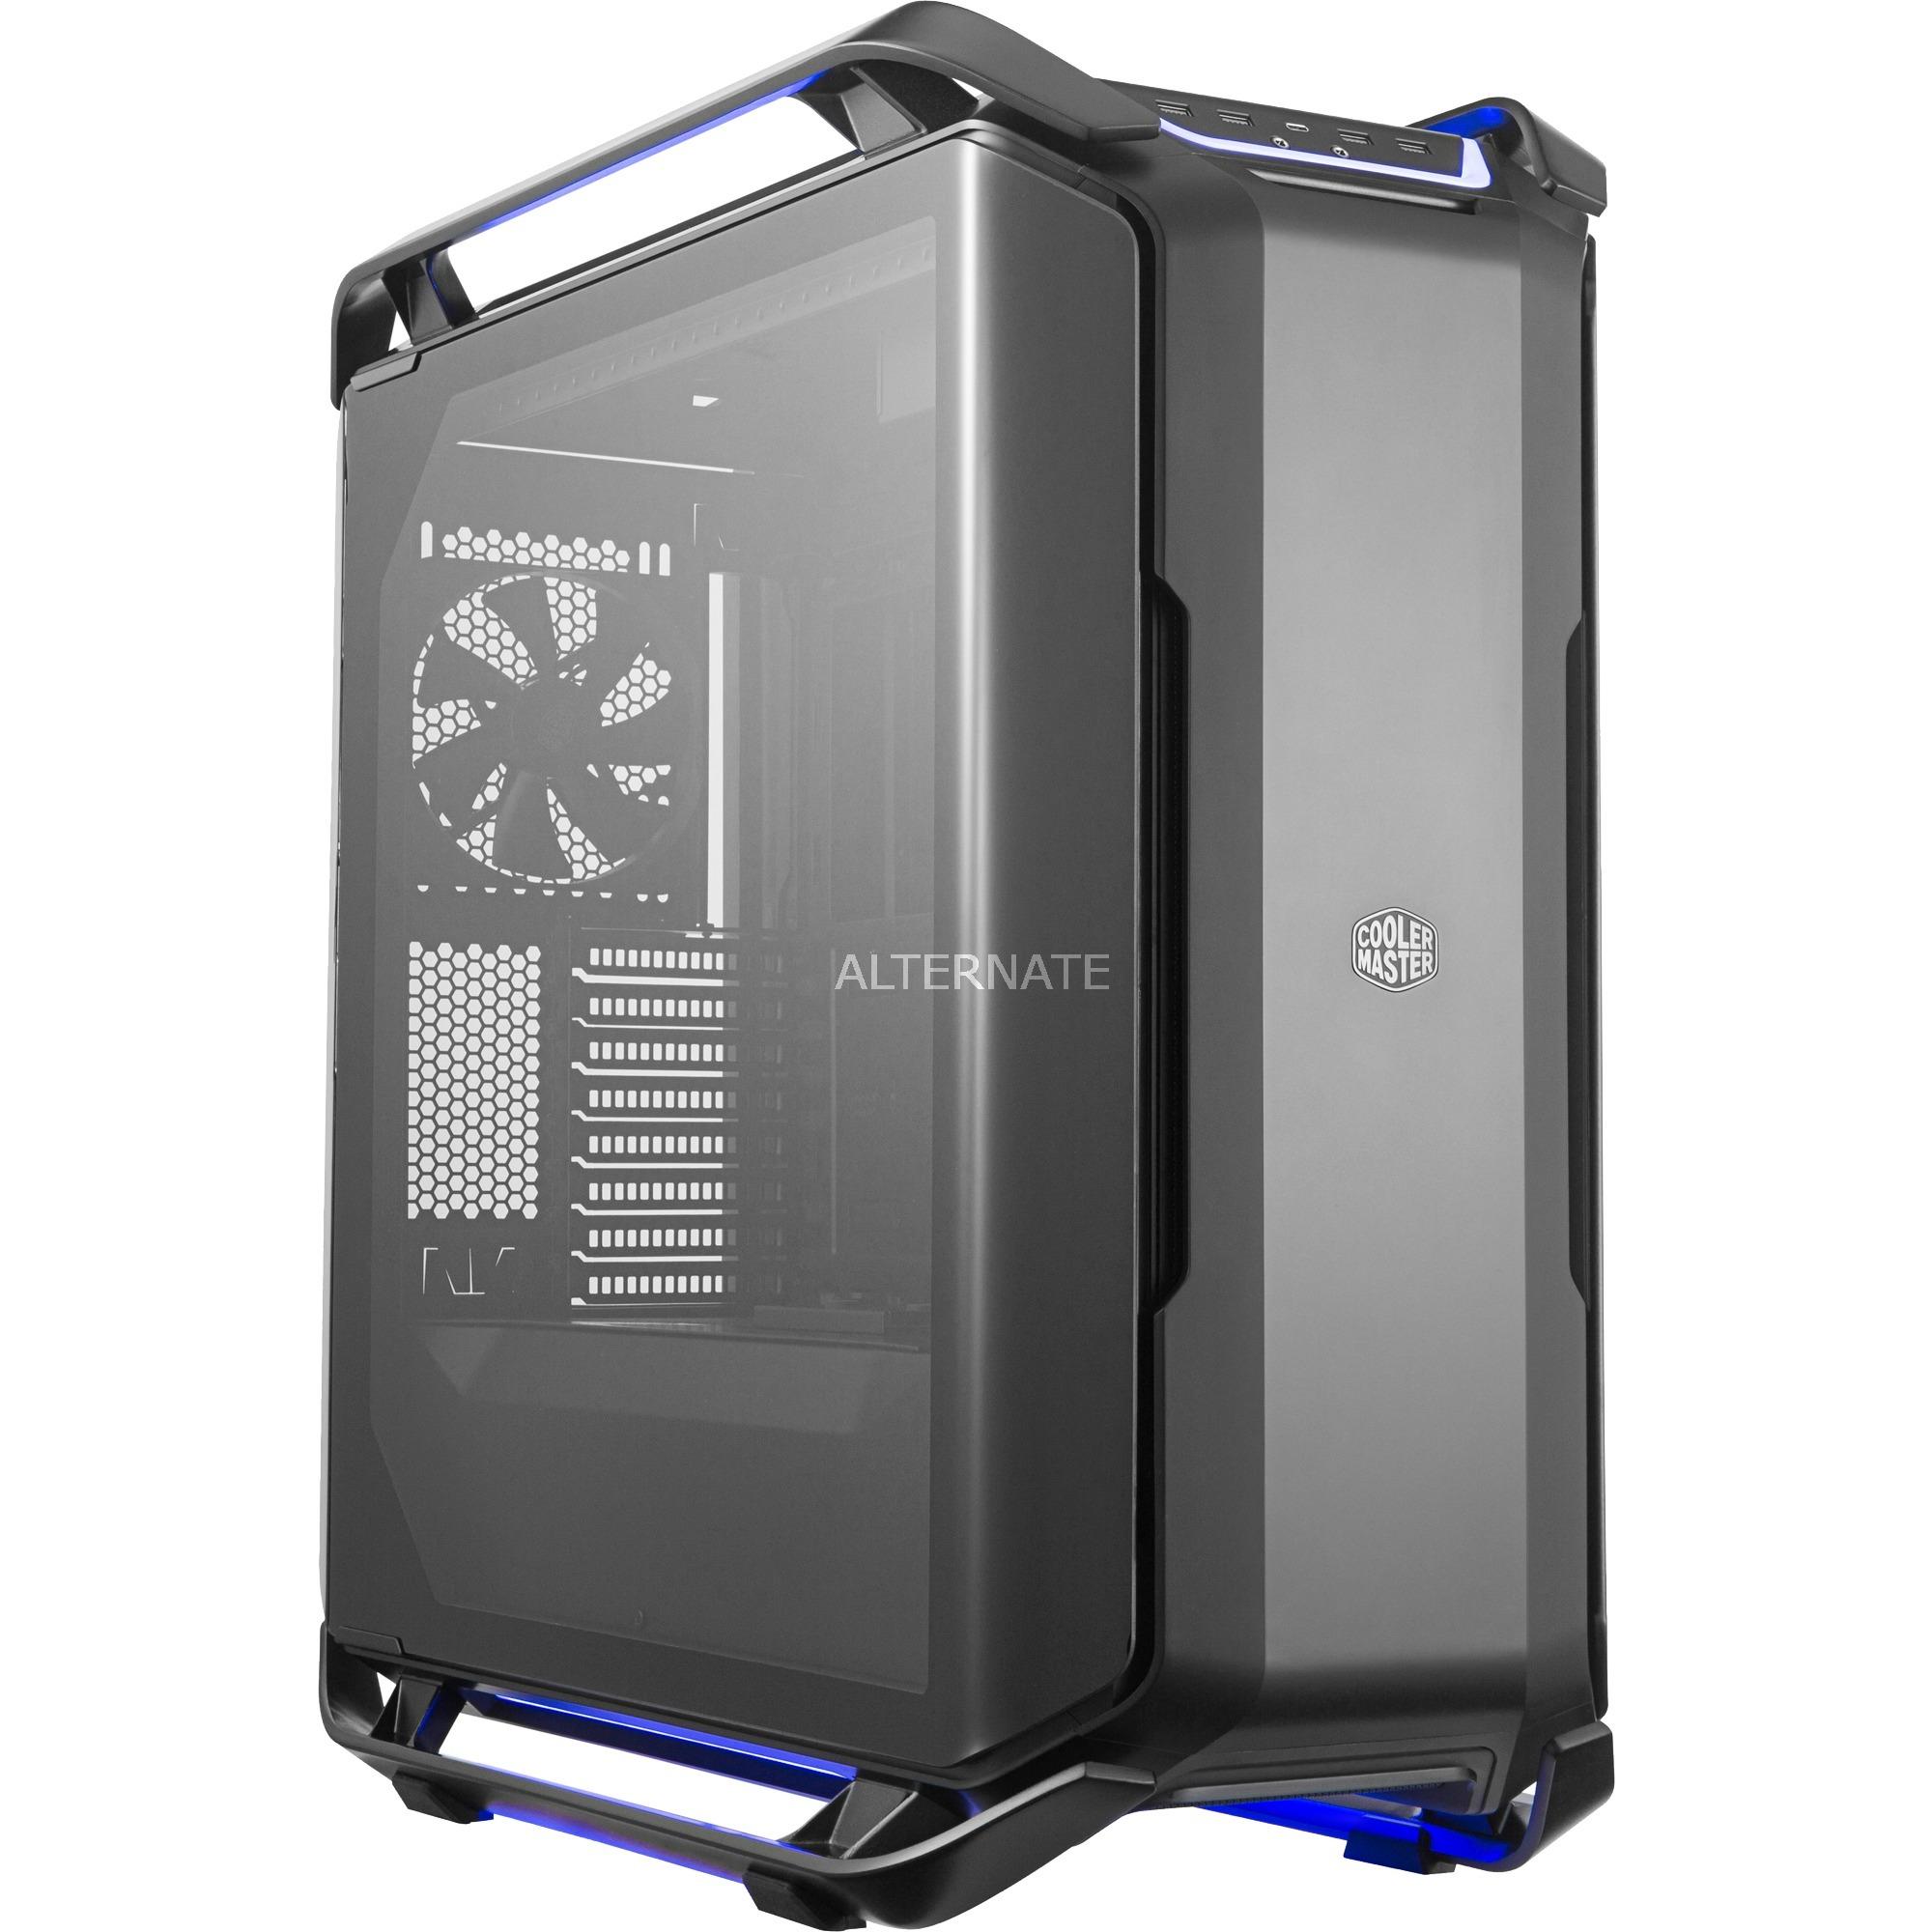 Cosmos C700P Full-Tower Negro, Caja de torre grande